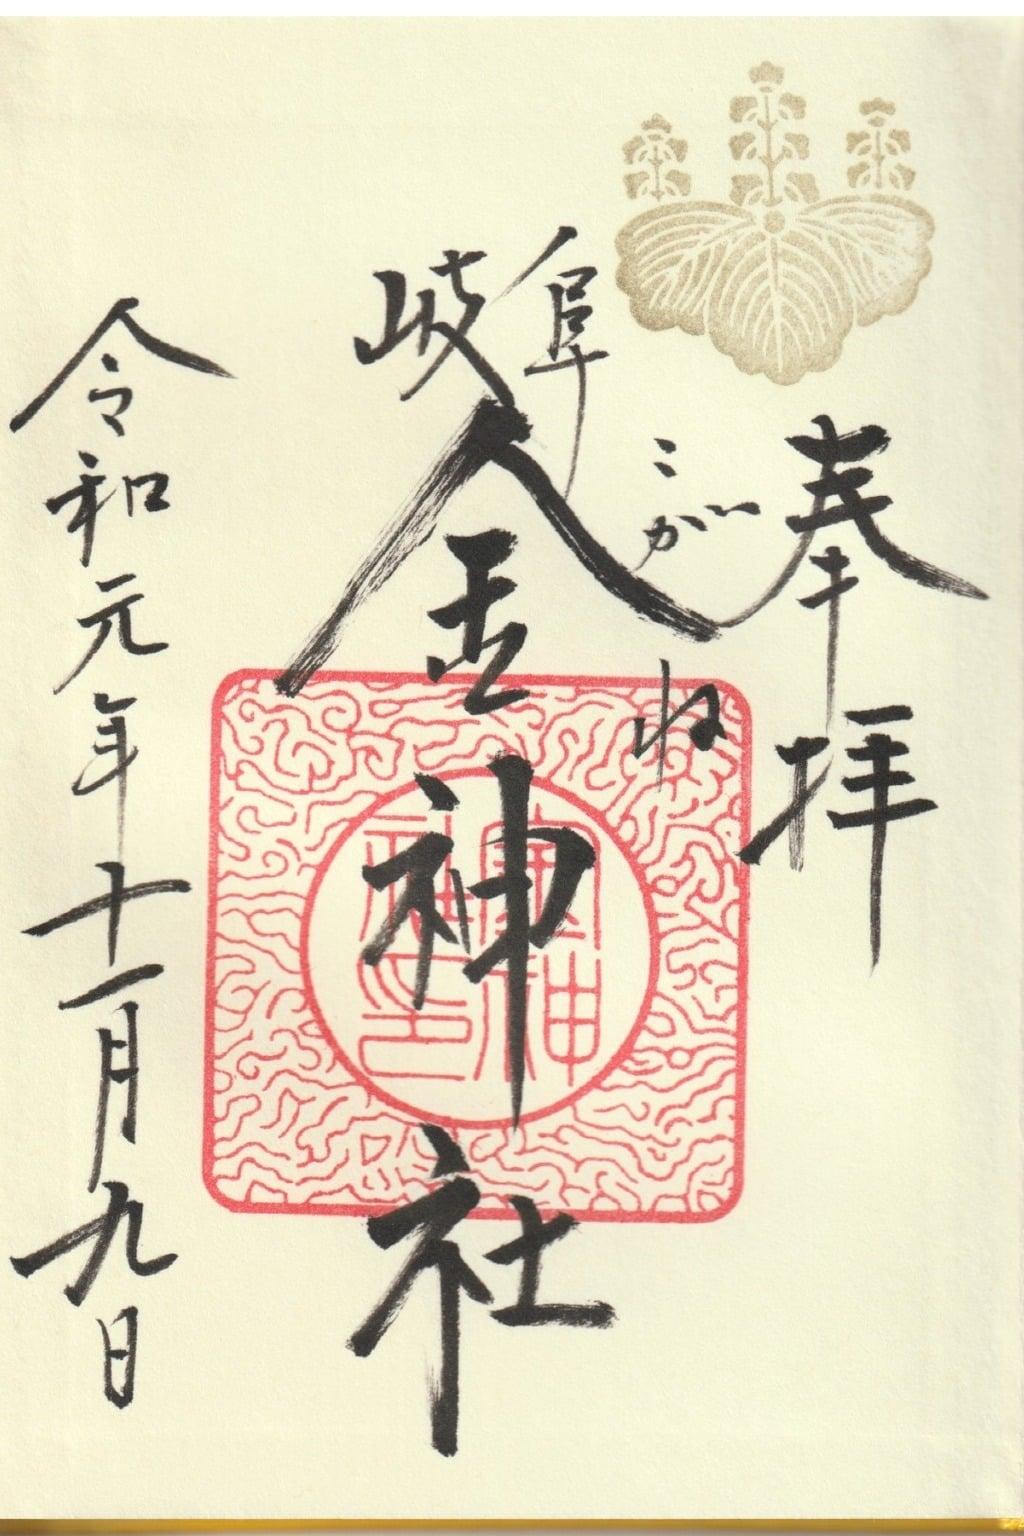 金神社の御朱印